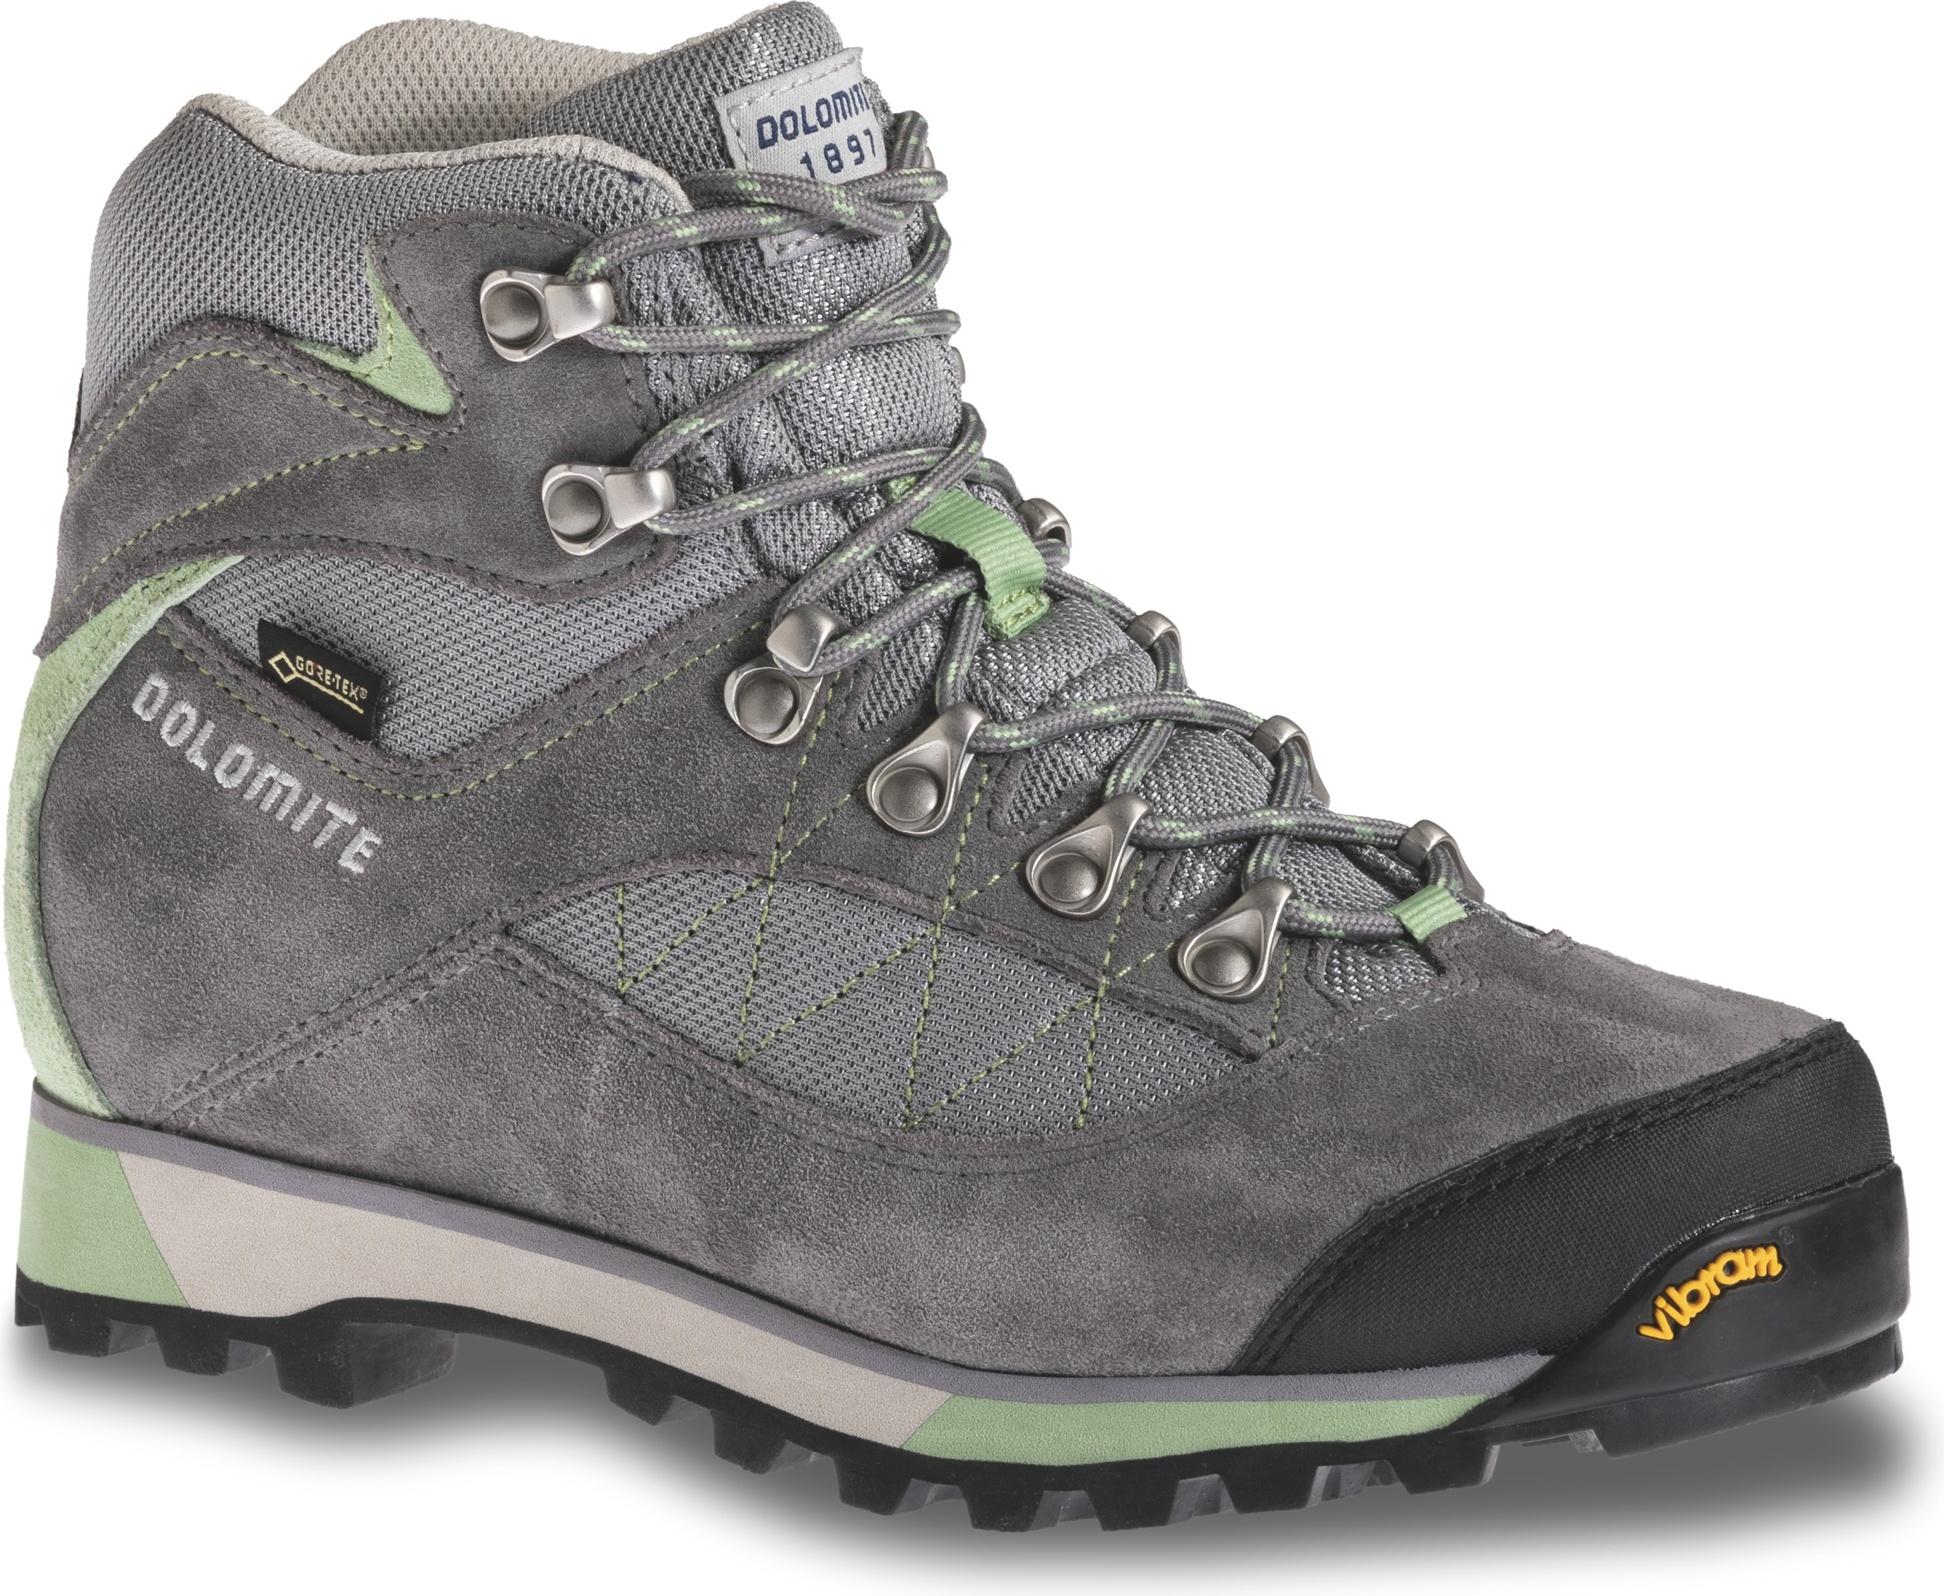 Ботинки Dolomite Zernez Gtx W's, iro g/mnt gr, 6 UK